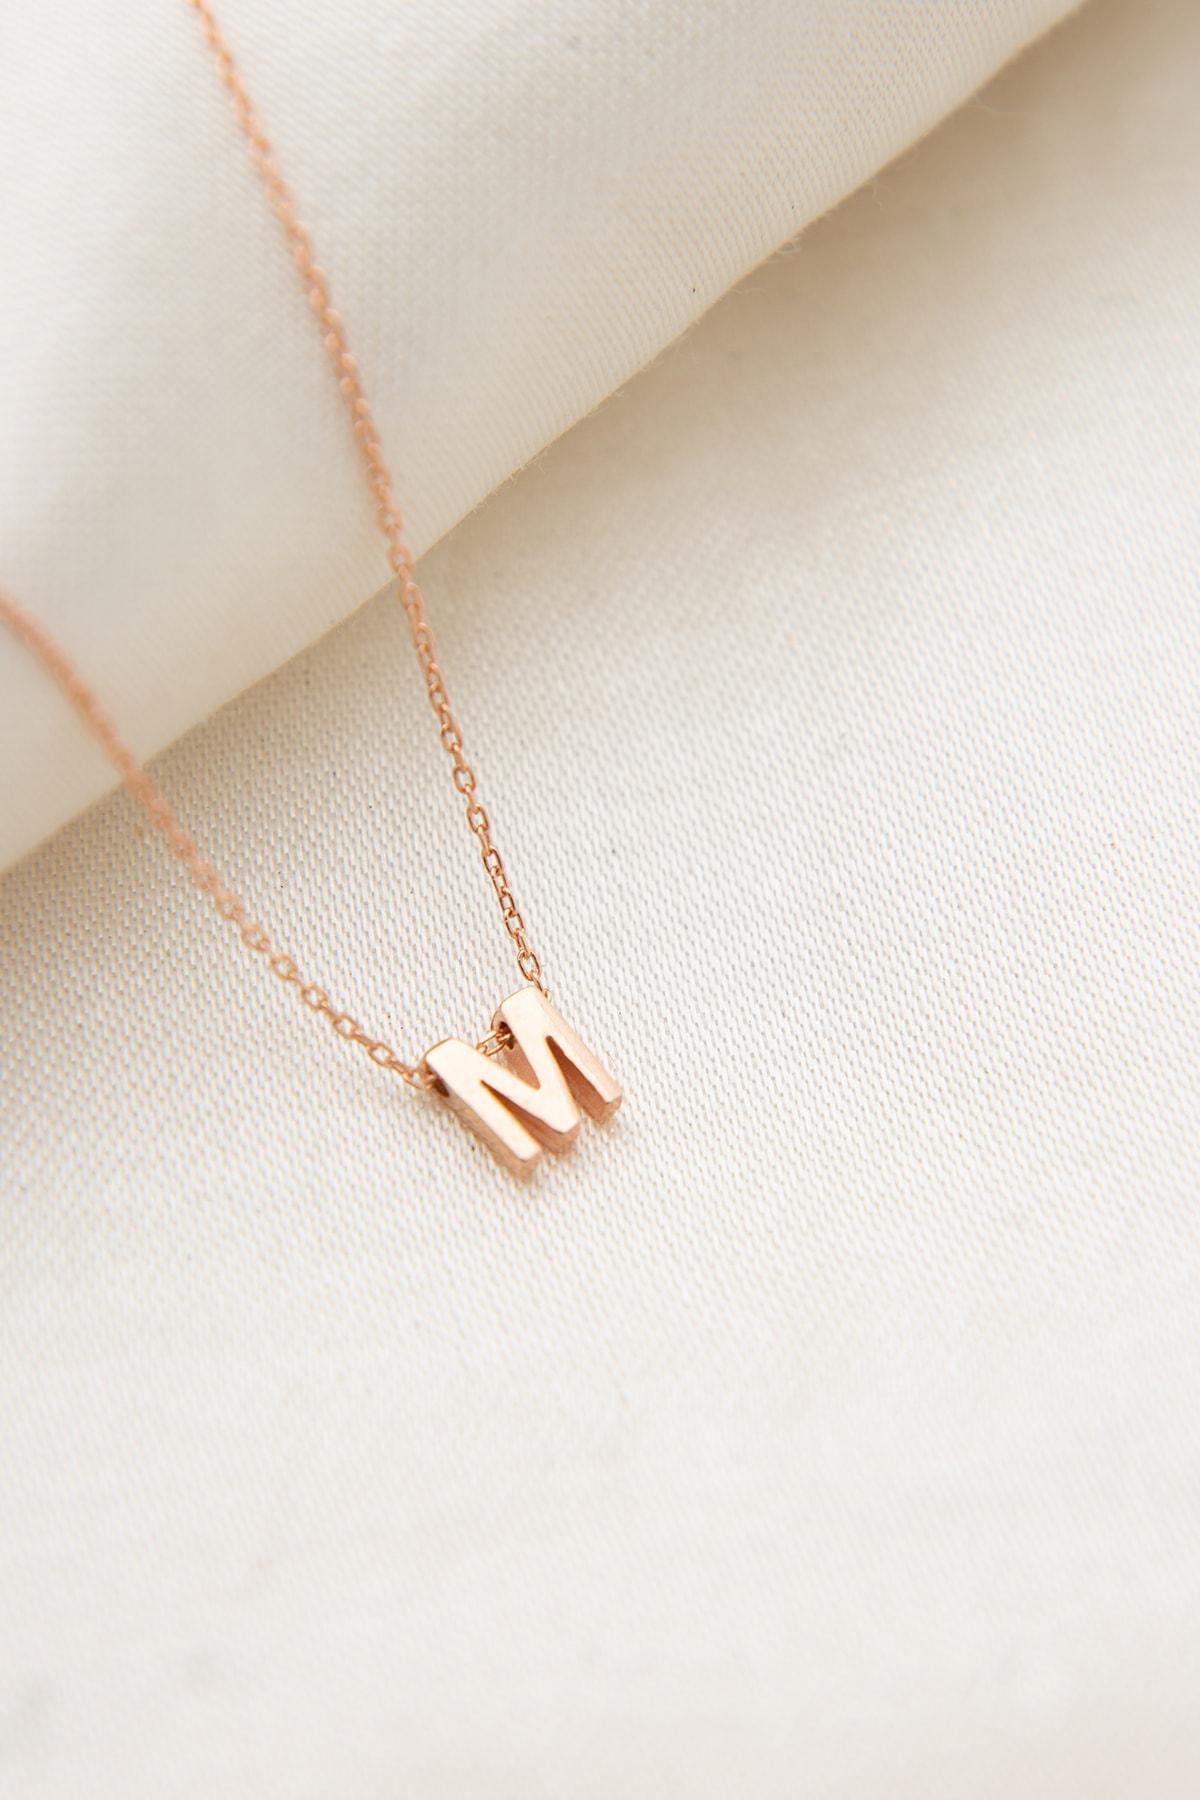 Elika Silver Kadın Üç Boyutlu M Harfi 925 Ayar Gümüş Kolye 1